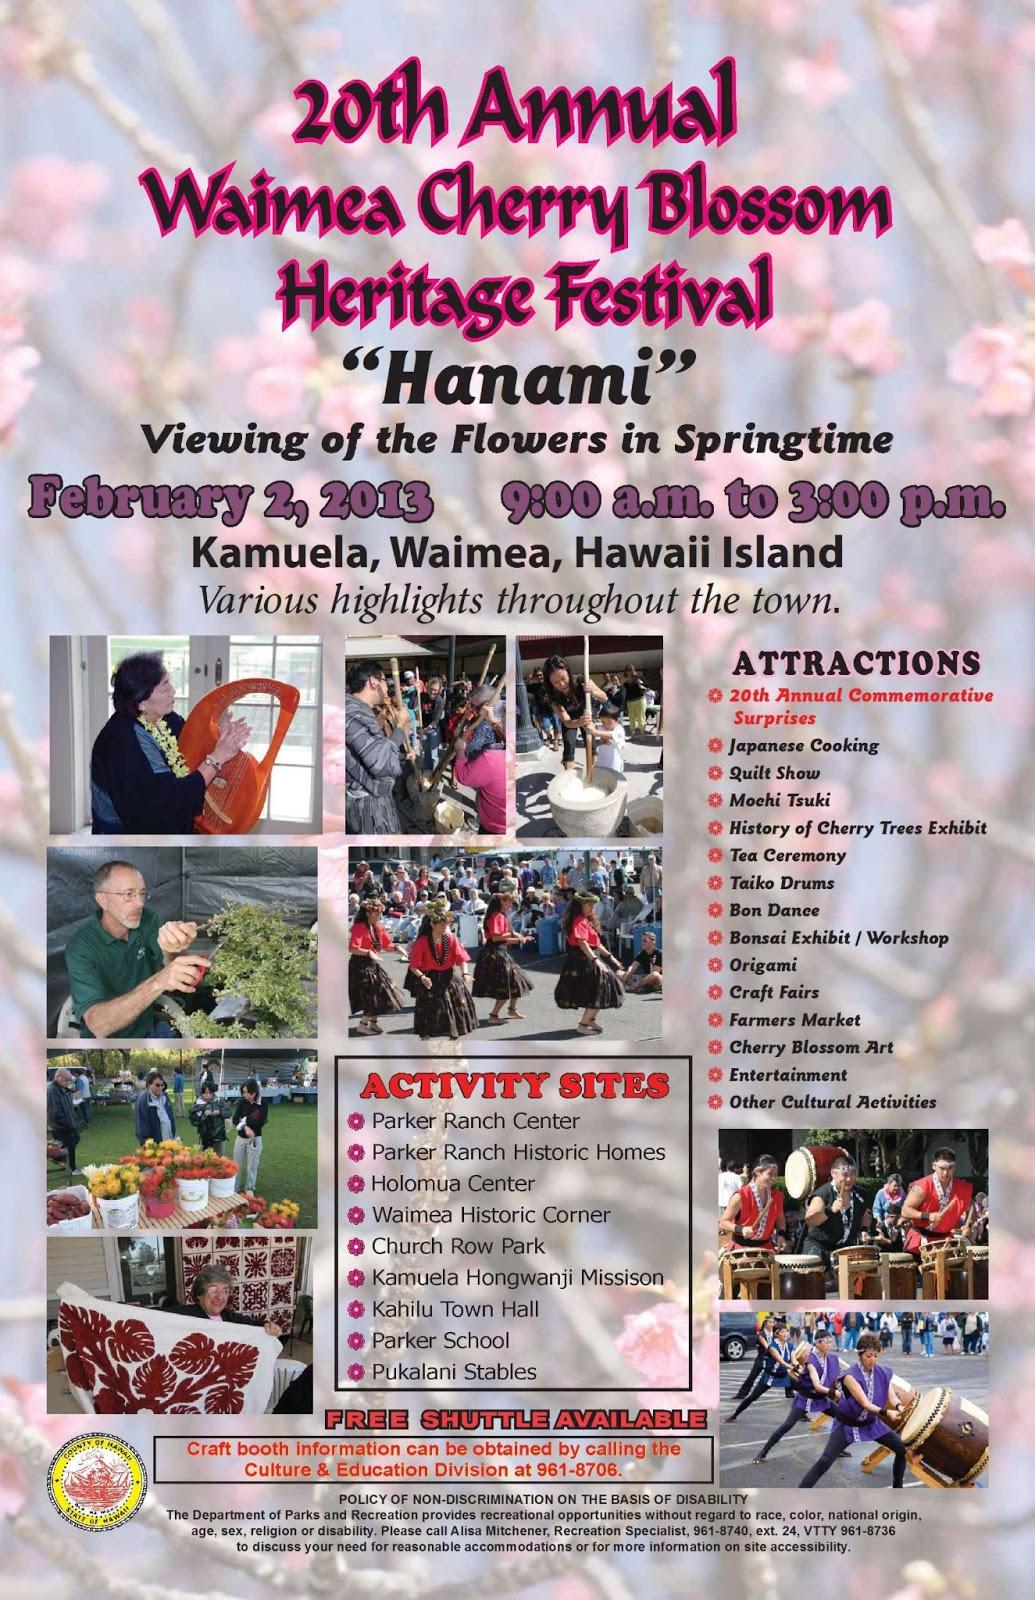 Ho okuleana  Hanami - Waimea Cherry Blossom Heritage Festival f83351356bb28